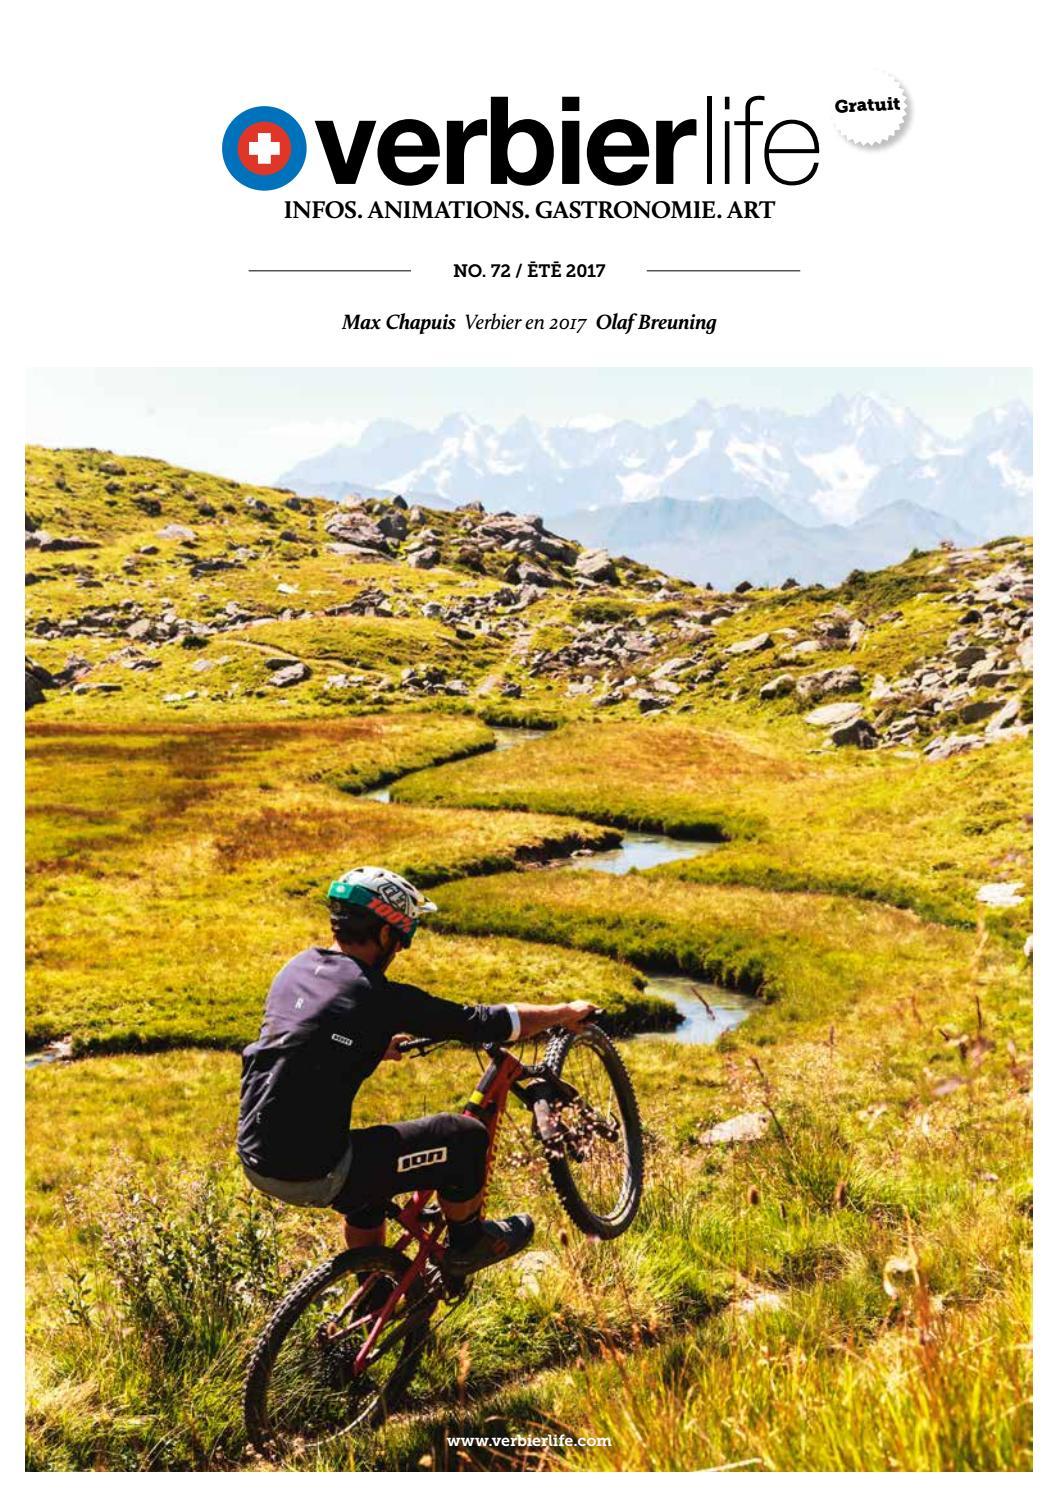 Toutes les fins de la formation gants Gym Fitness Cyclisme Sports Vélo Cycle de la clairance